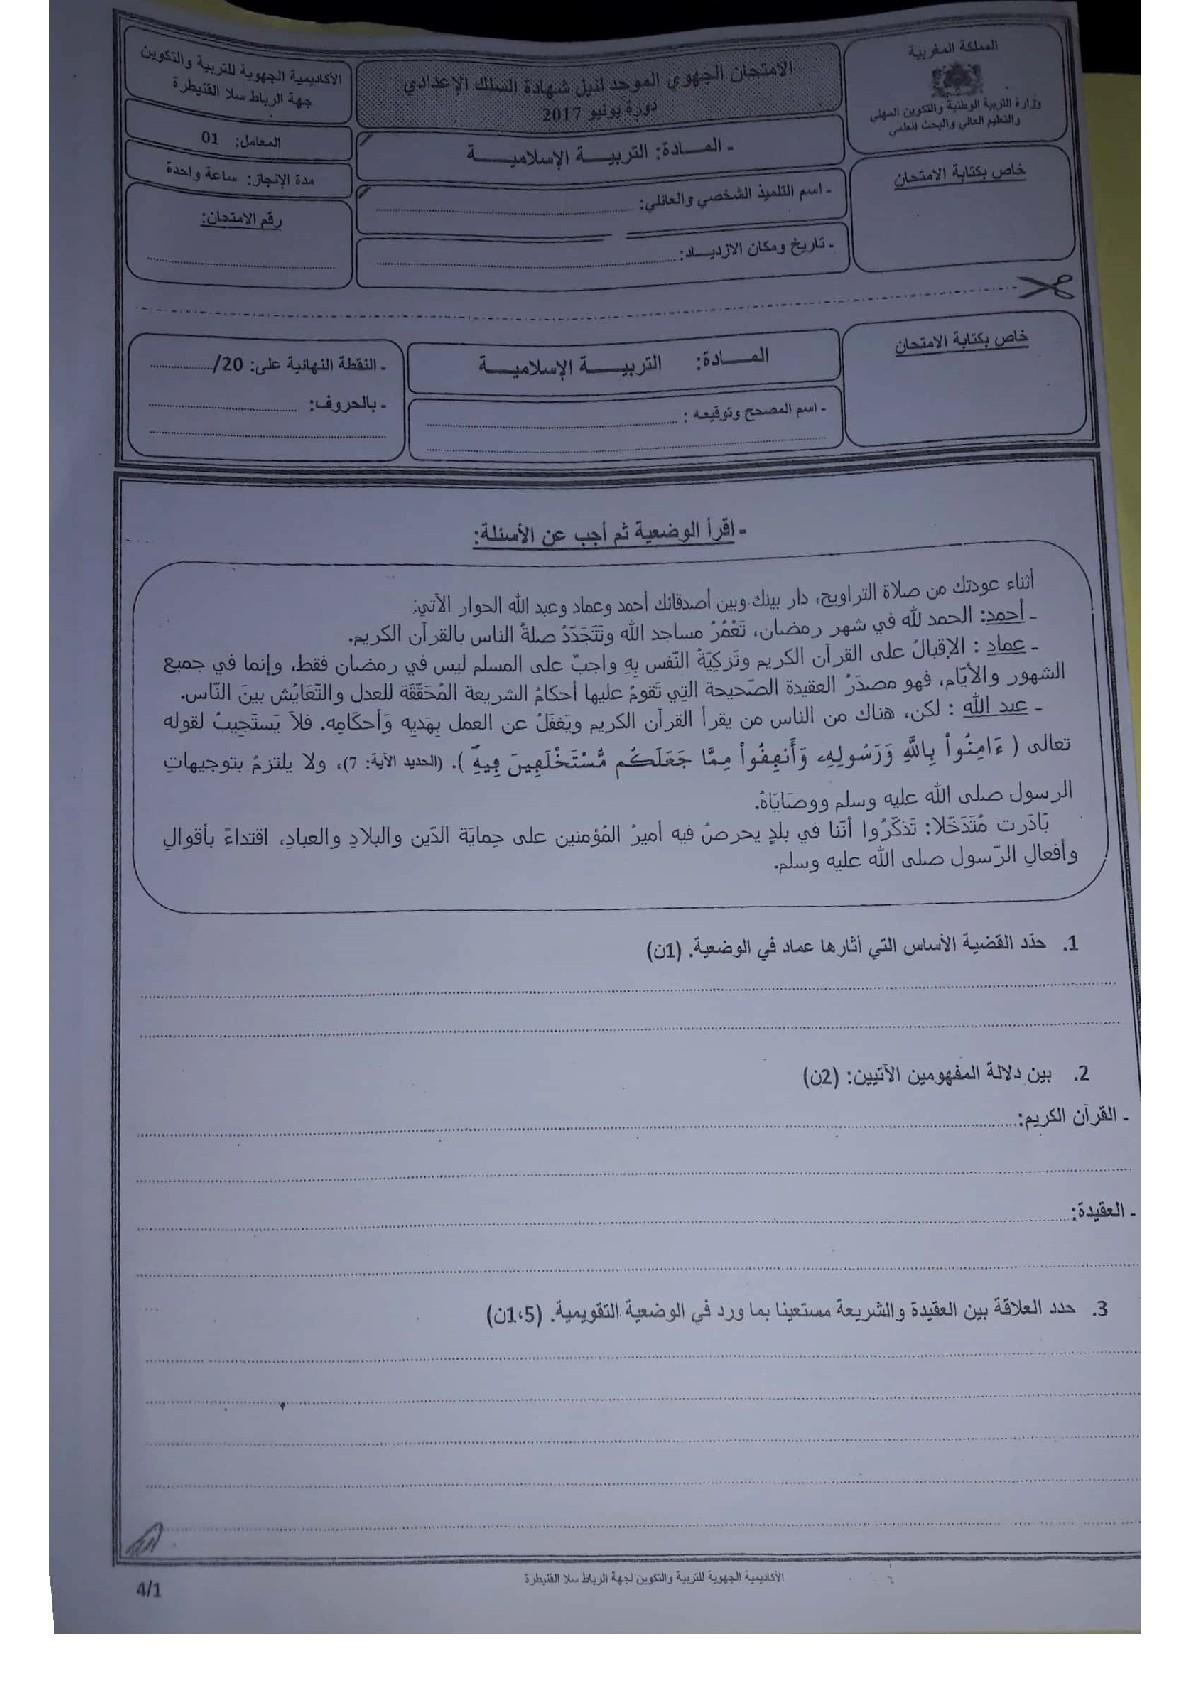 الامتحان الجهوي في التربية الإسلامية الثالثة اعدادي 2017 مع التصحيح